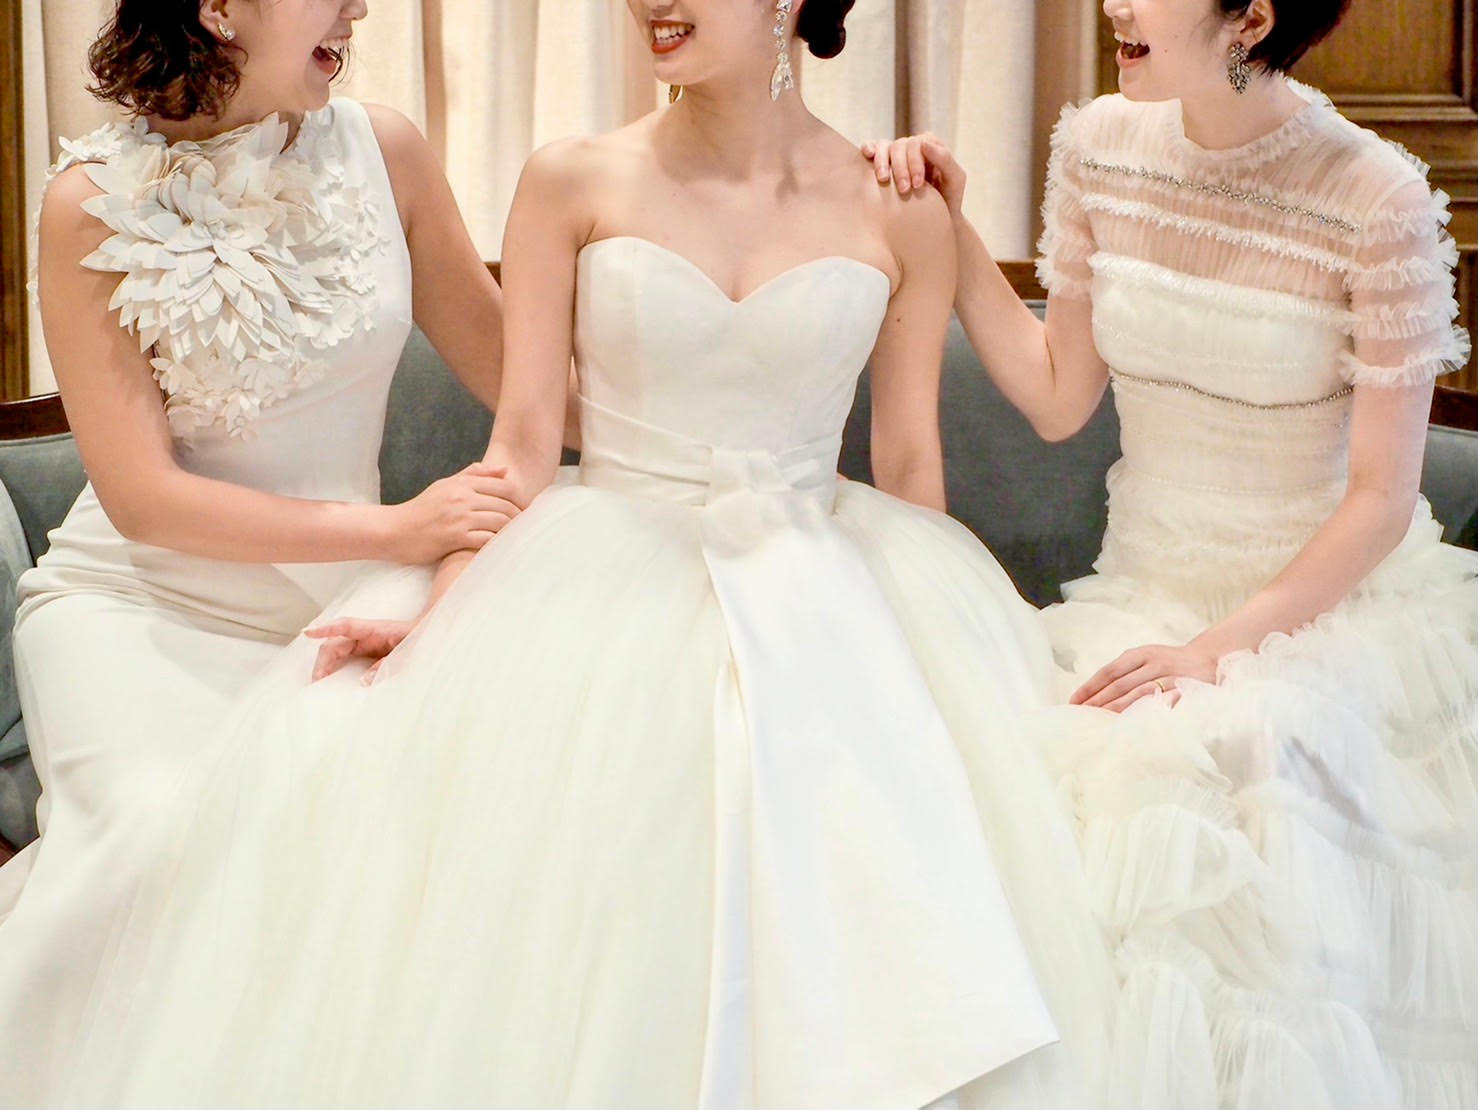 トリートドレッシング神戸店のヴィクターアンドロルフの結婚式におめしいただくウェディングドレス